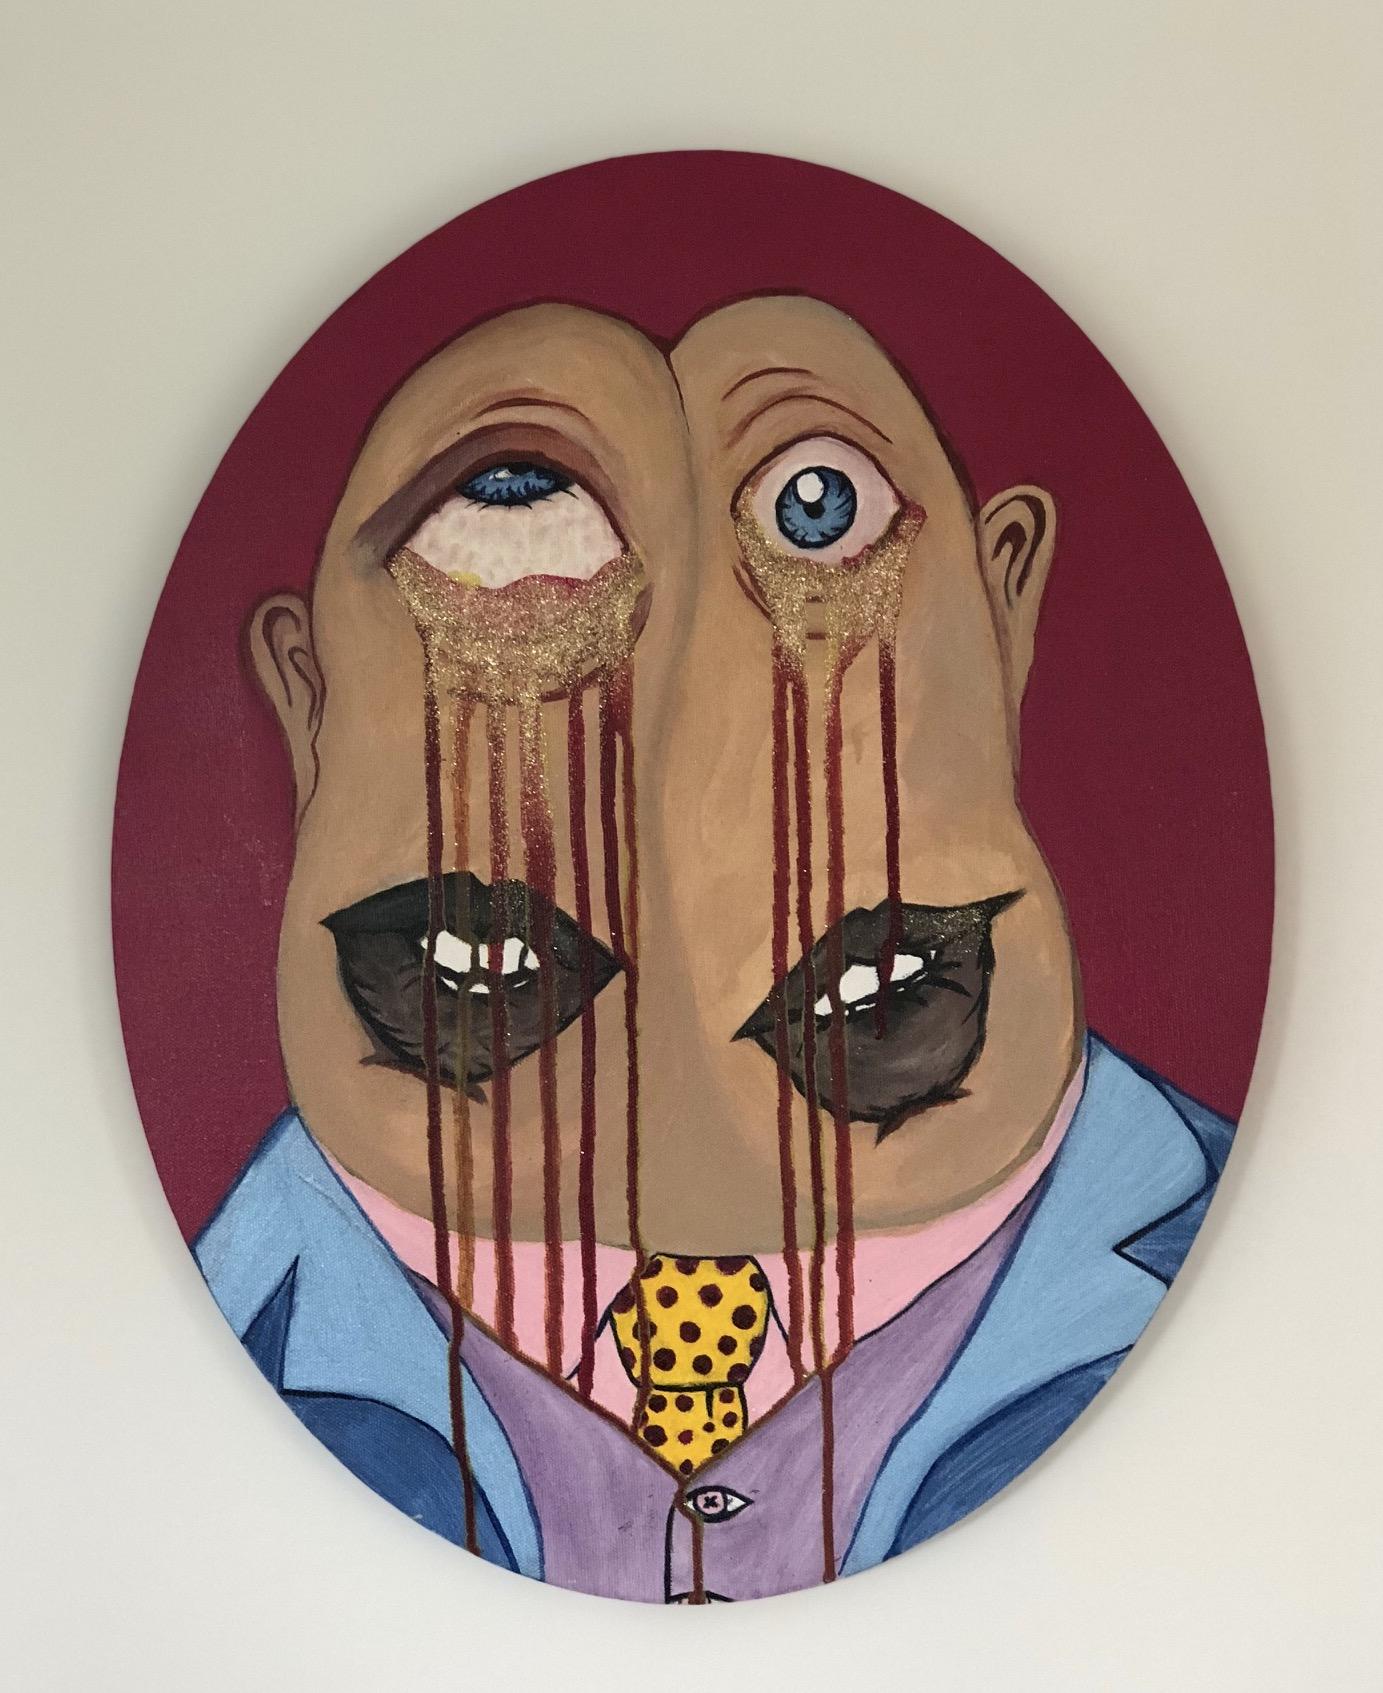 Mimi-Mr.DouglasCraine-14x20-Mixed Media on Canvas-$450.jpg